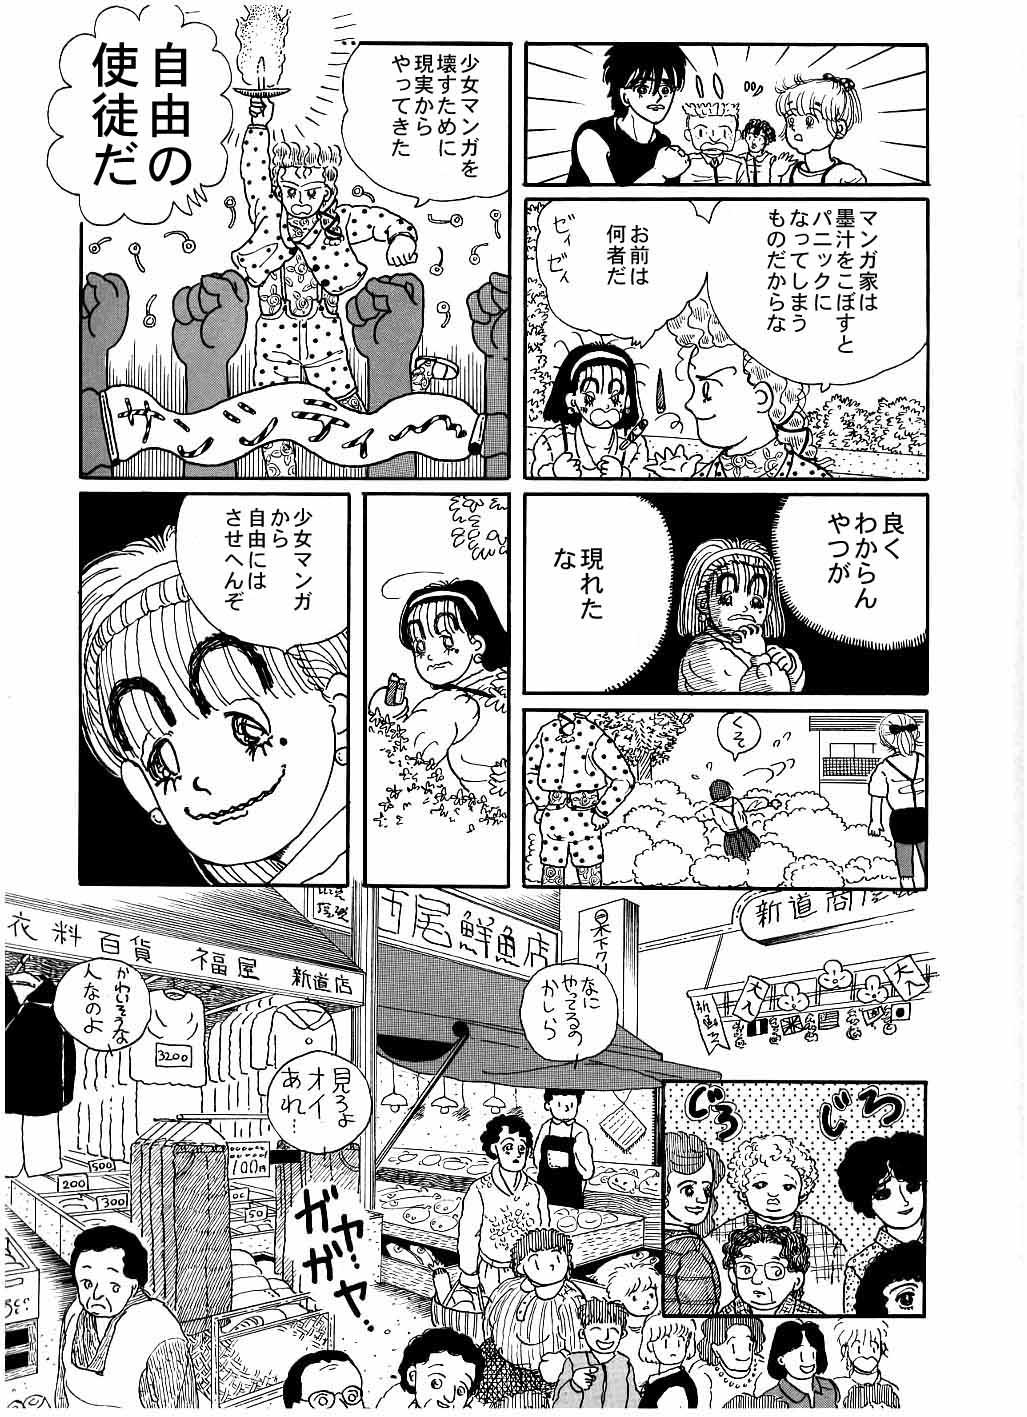 ホラー漫画画像13_20110122033539.jpg